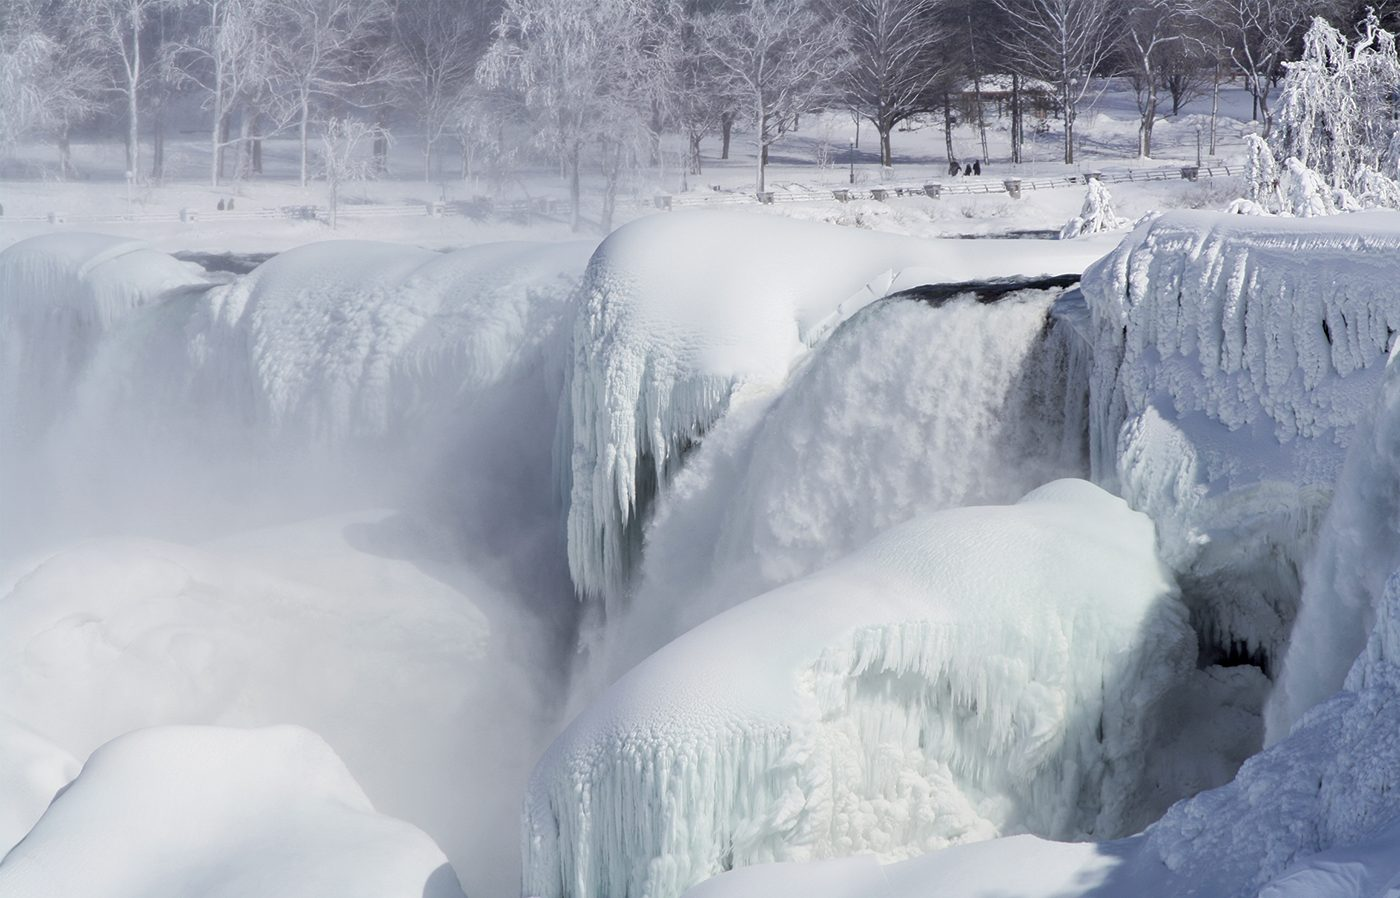 Niagara Falls In Winter - Snow And Ice